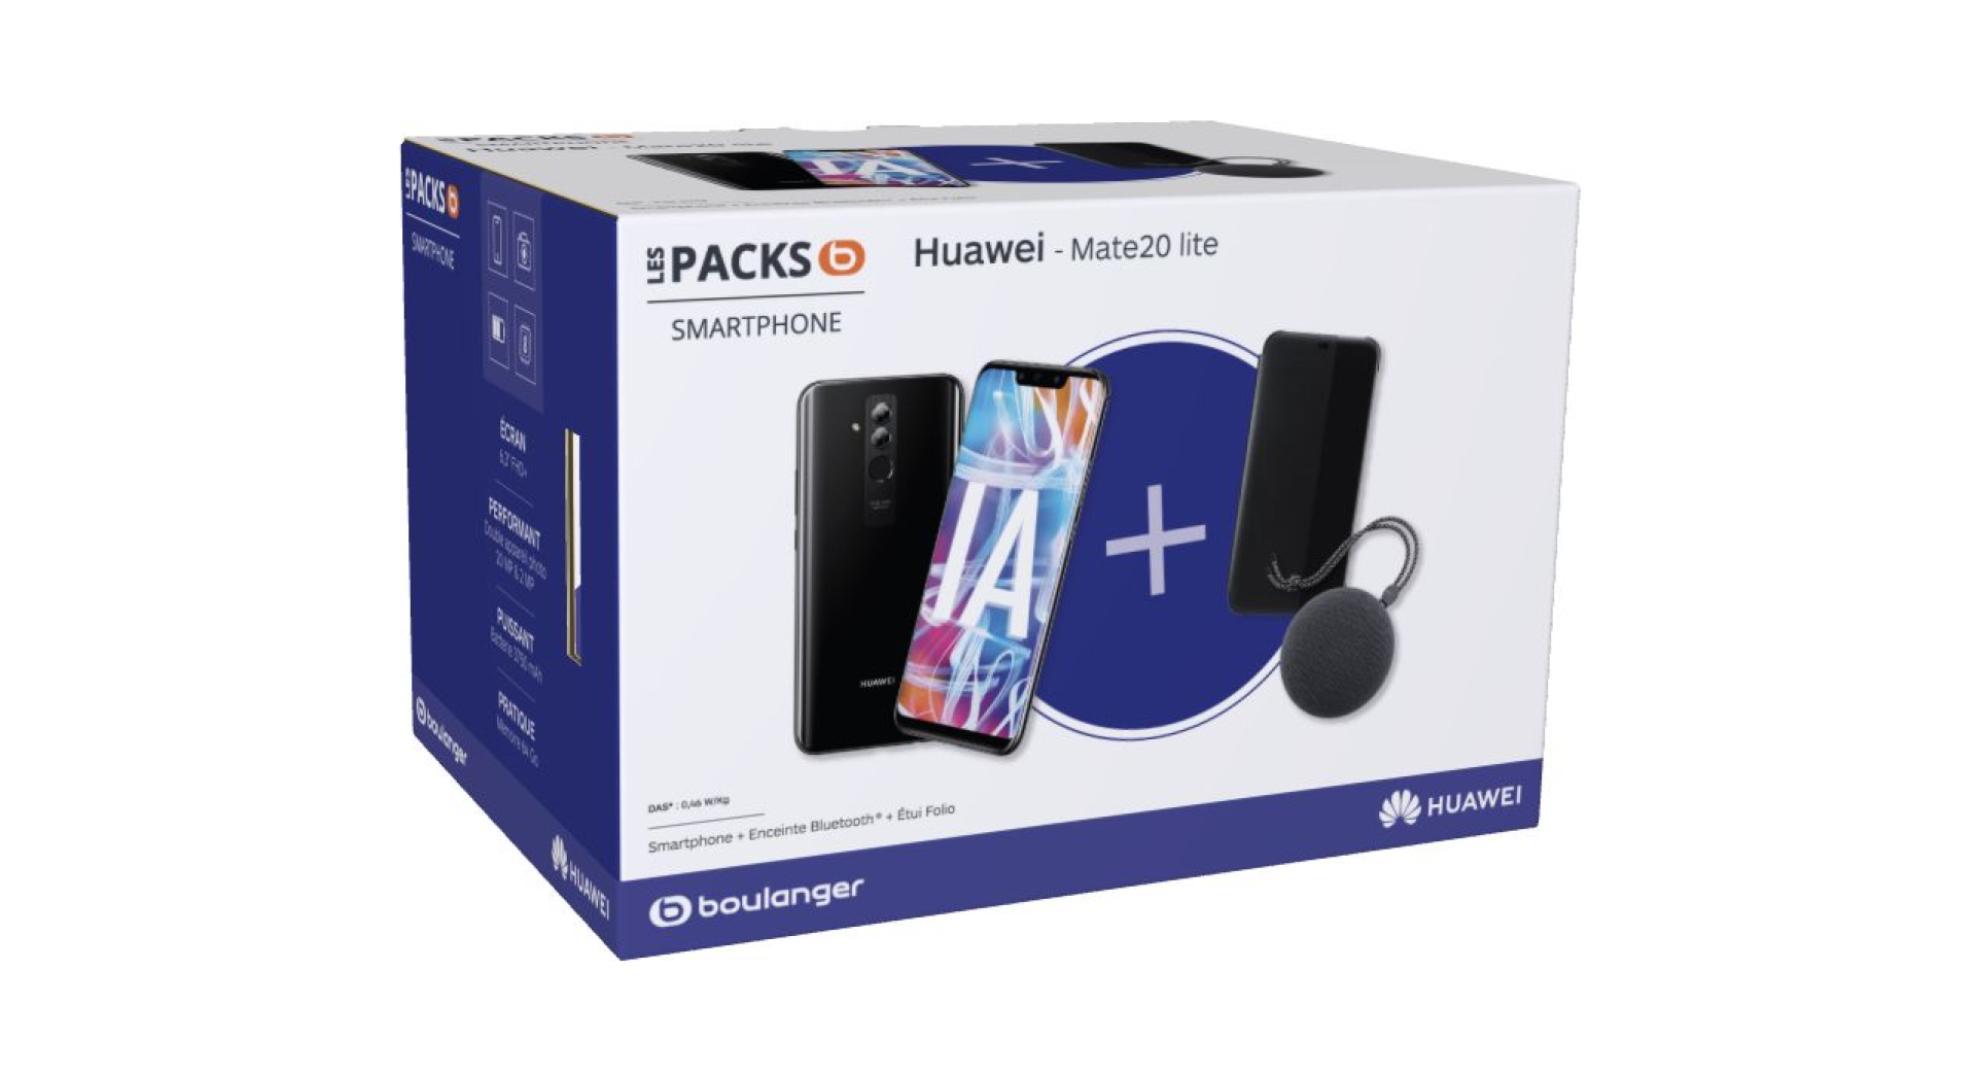 🔥 Bon plan : pack Huawei Mate 20 Lite + enceinte bluetooth + étui à 299 euros